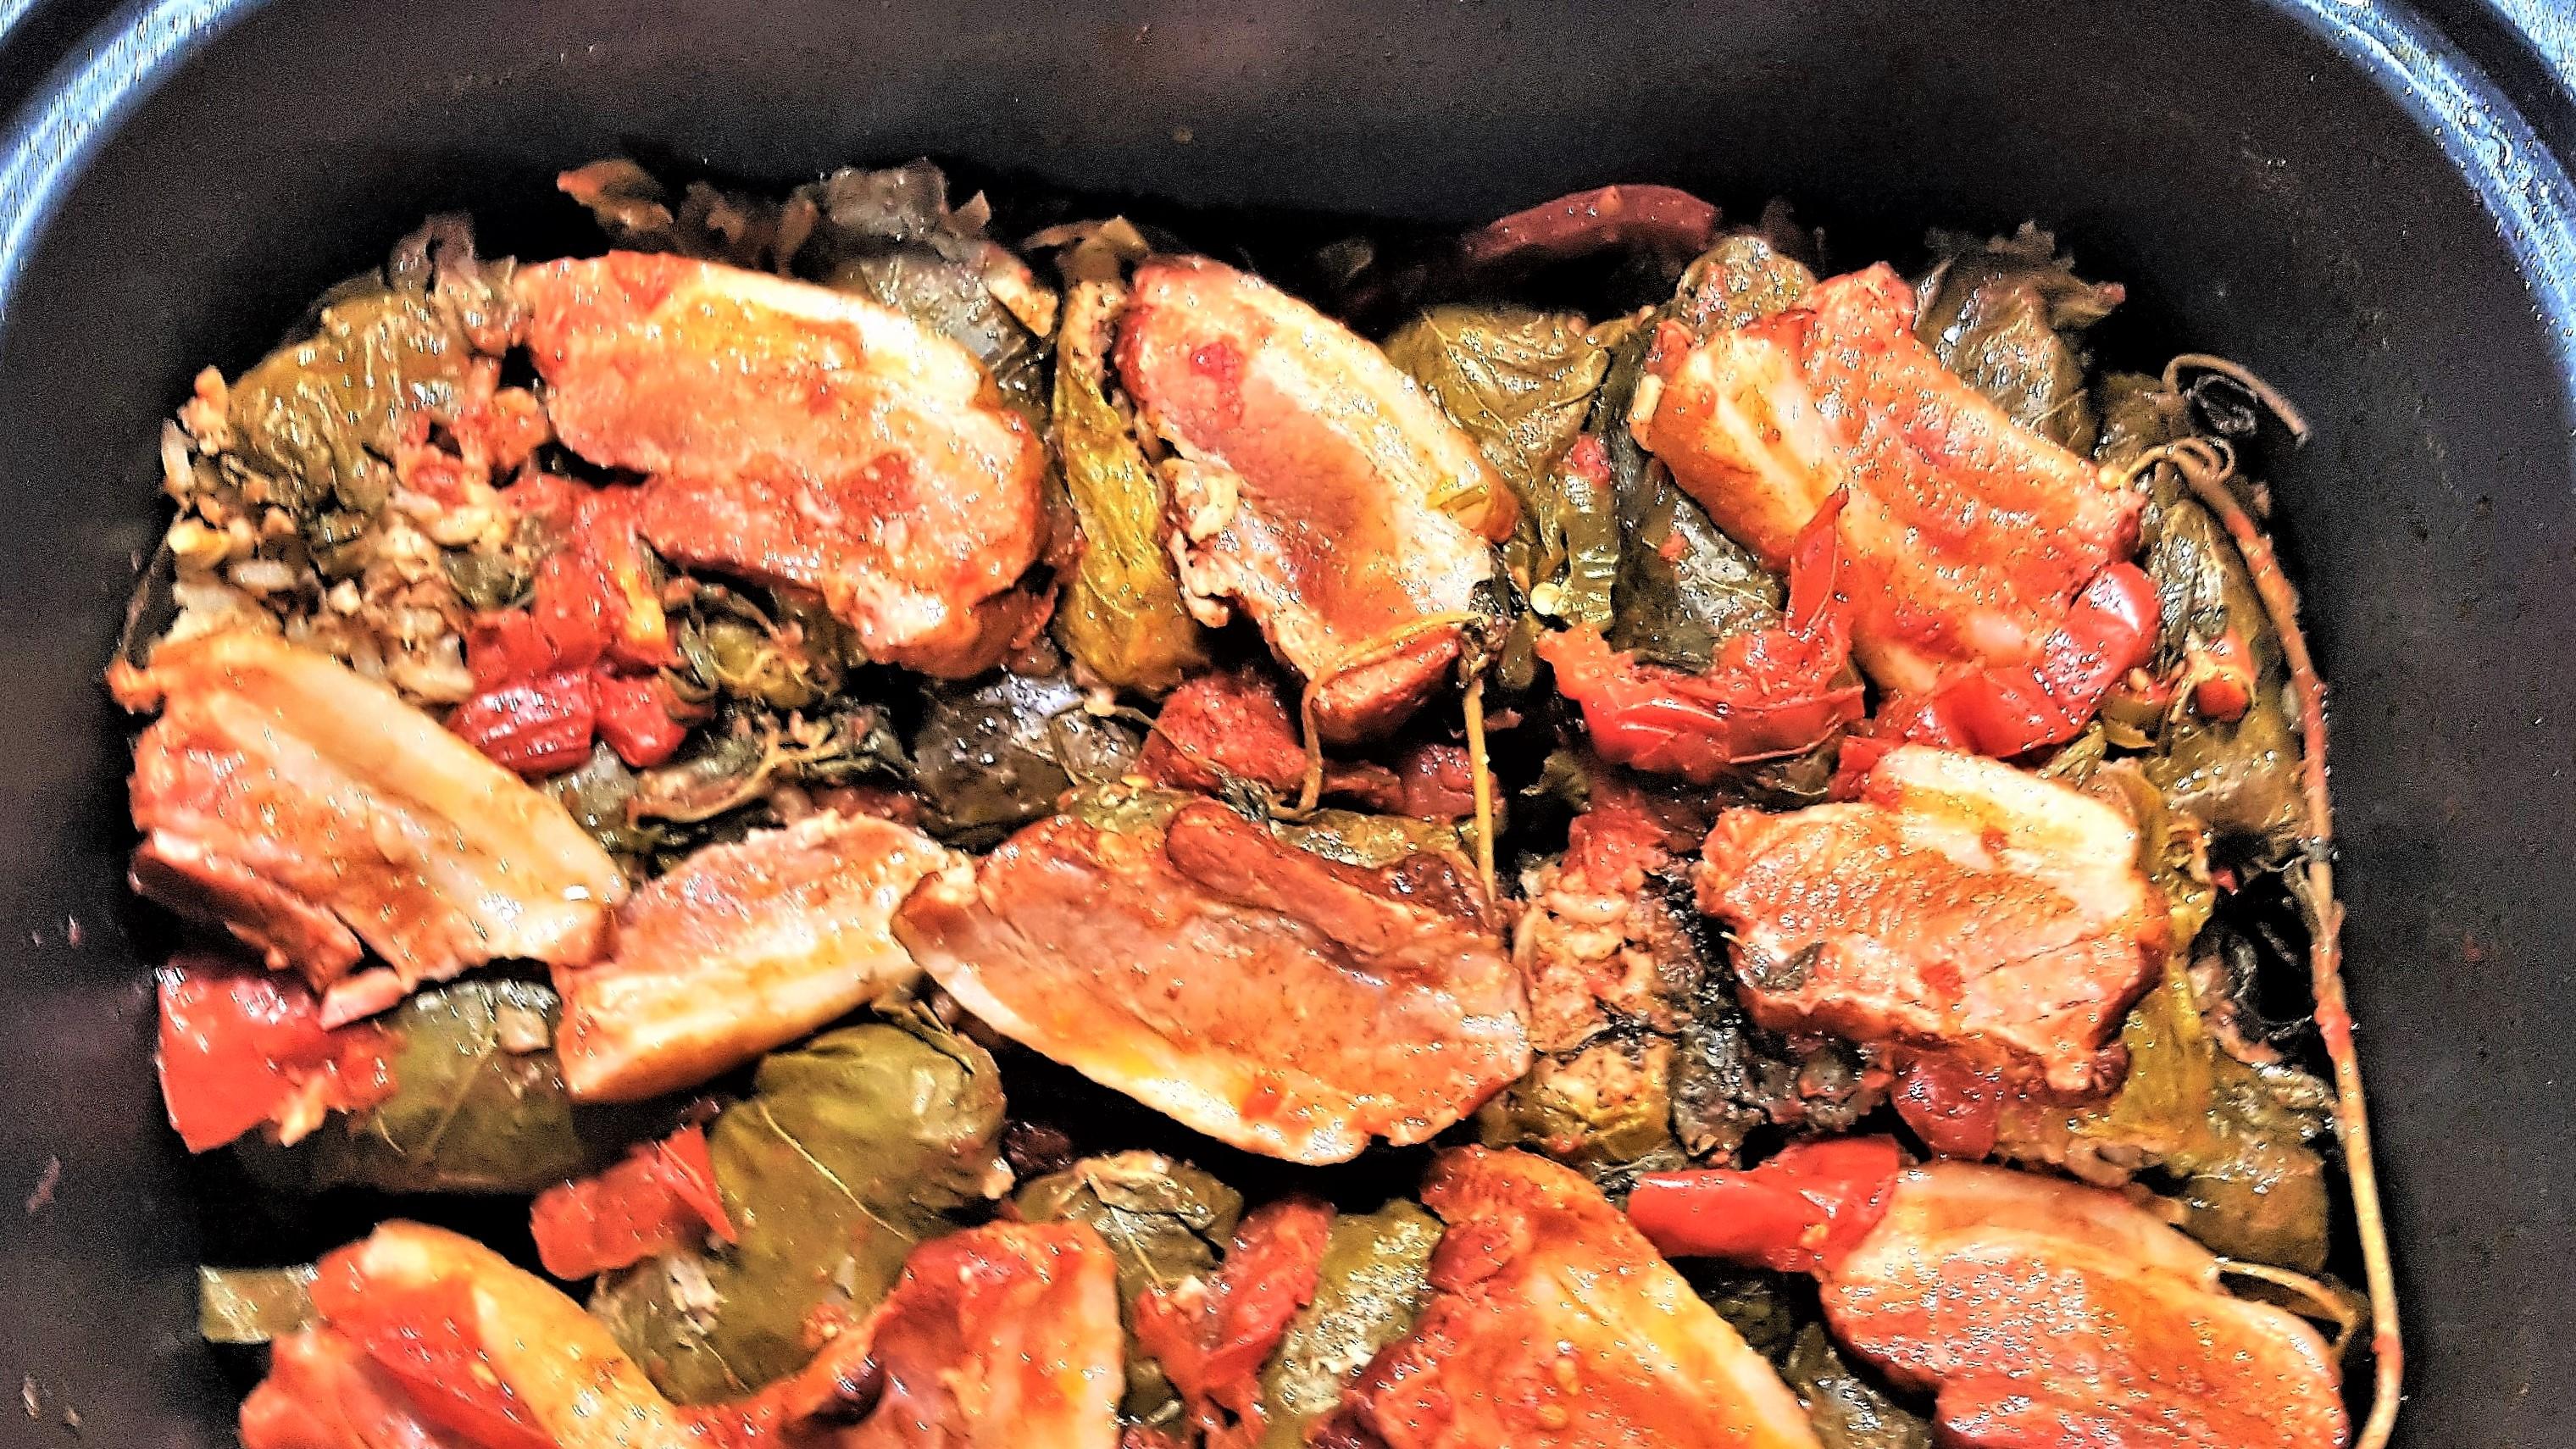 Sarmale in frunze de vita de vie, la multicooker Crock-Pot cu gatire sub presiune